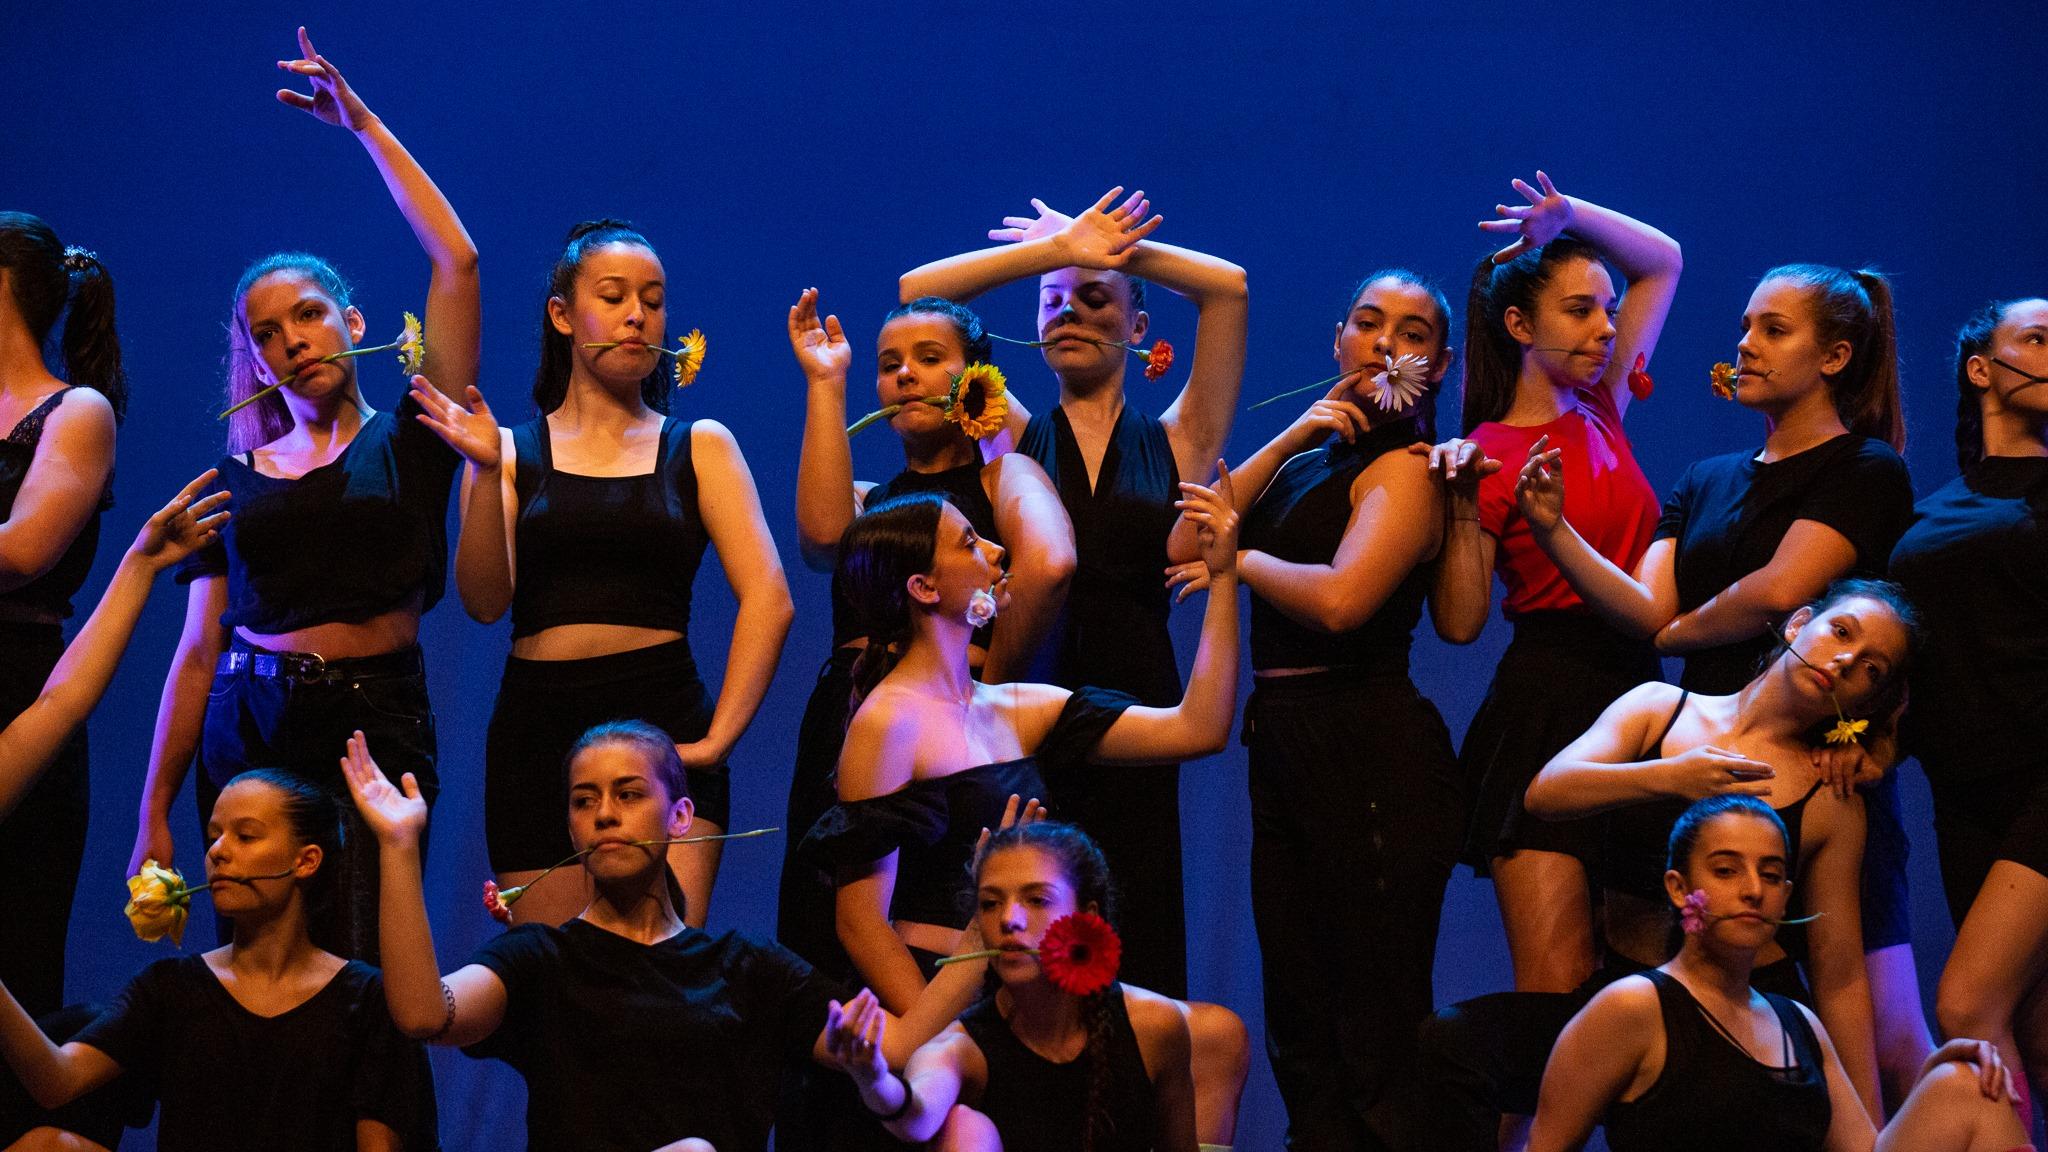 Audições Online • Cursos Profissionais de Dança & Teatro • Ano letivo 2021/22